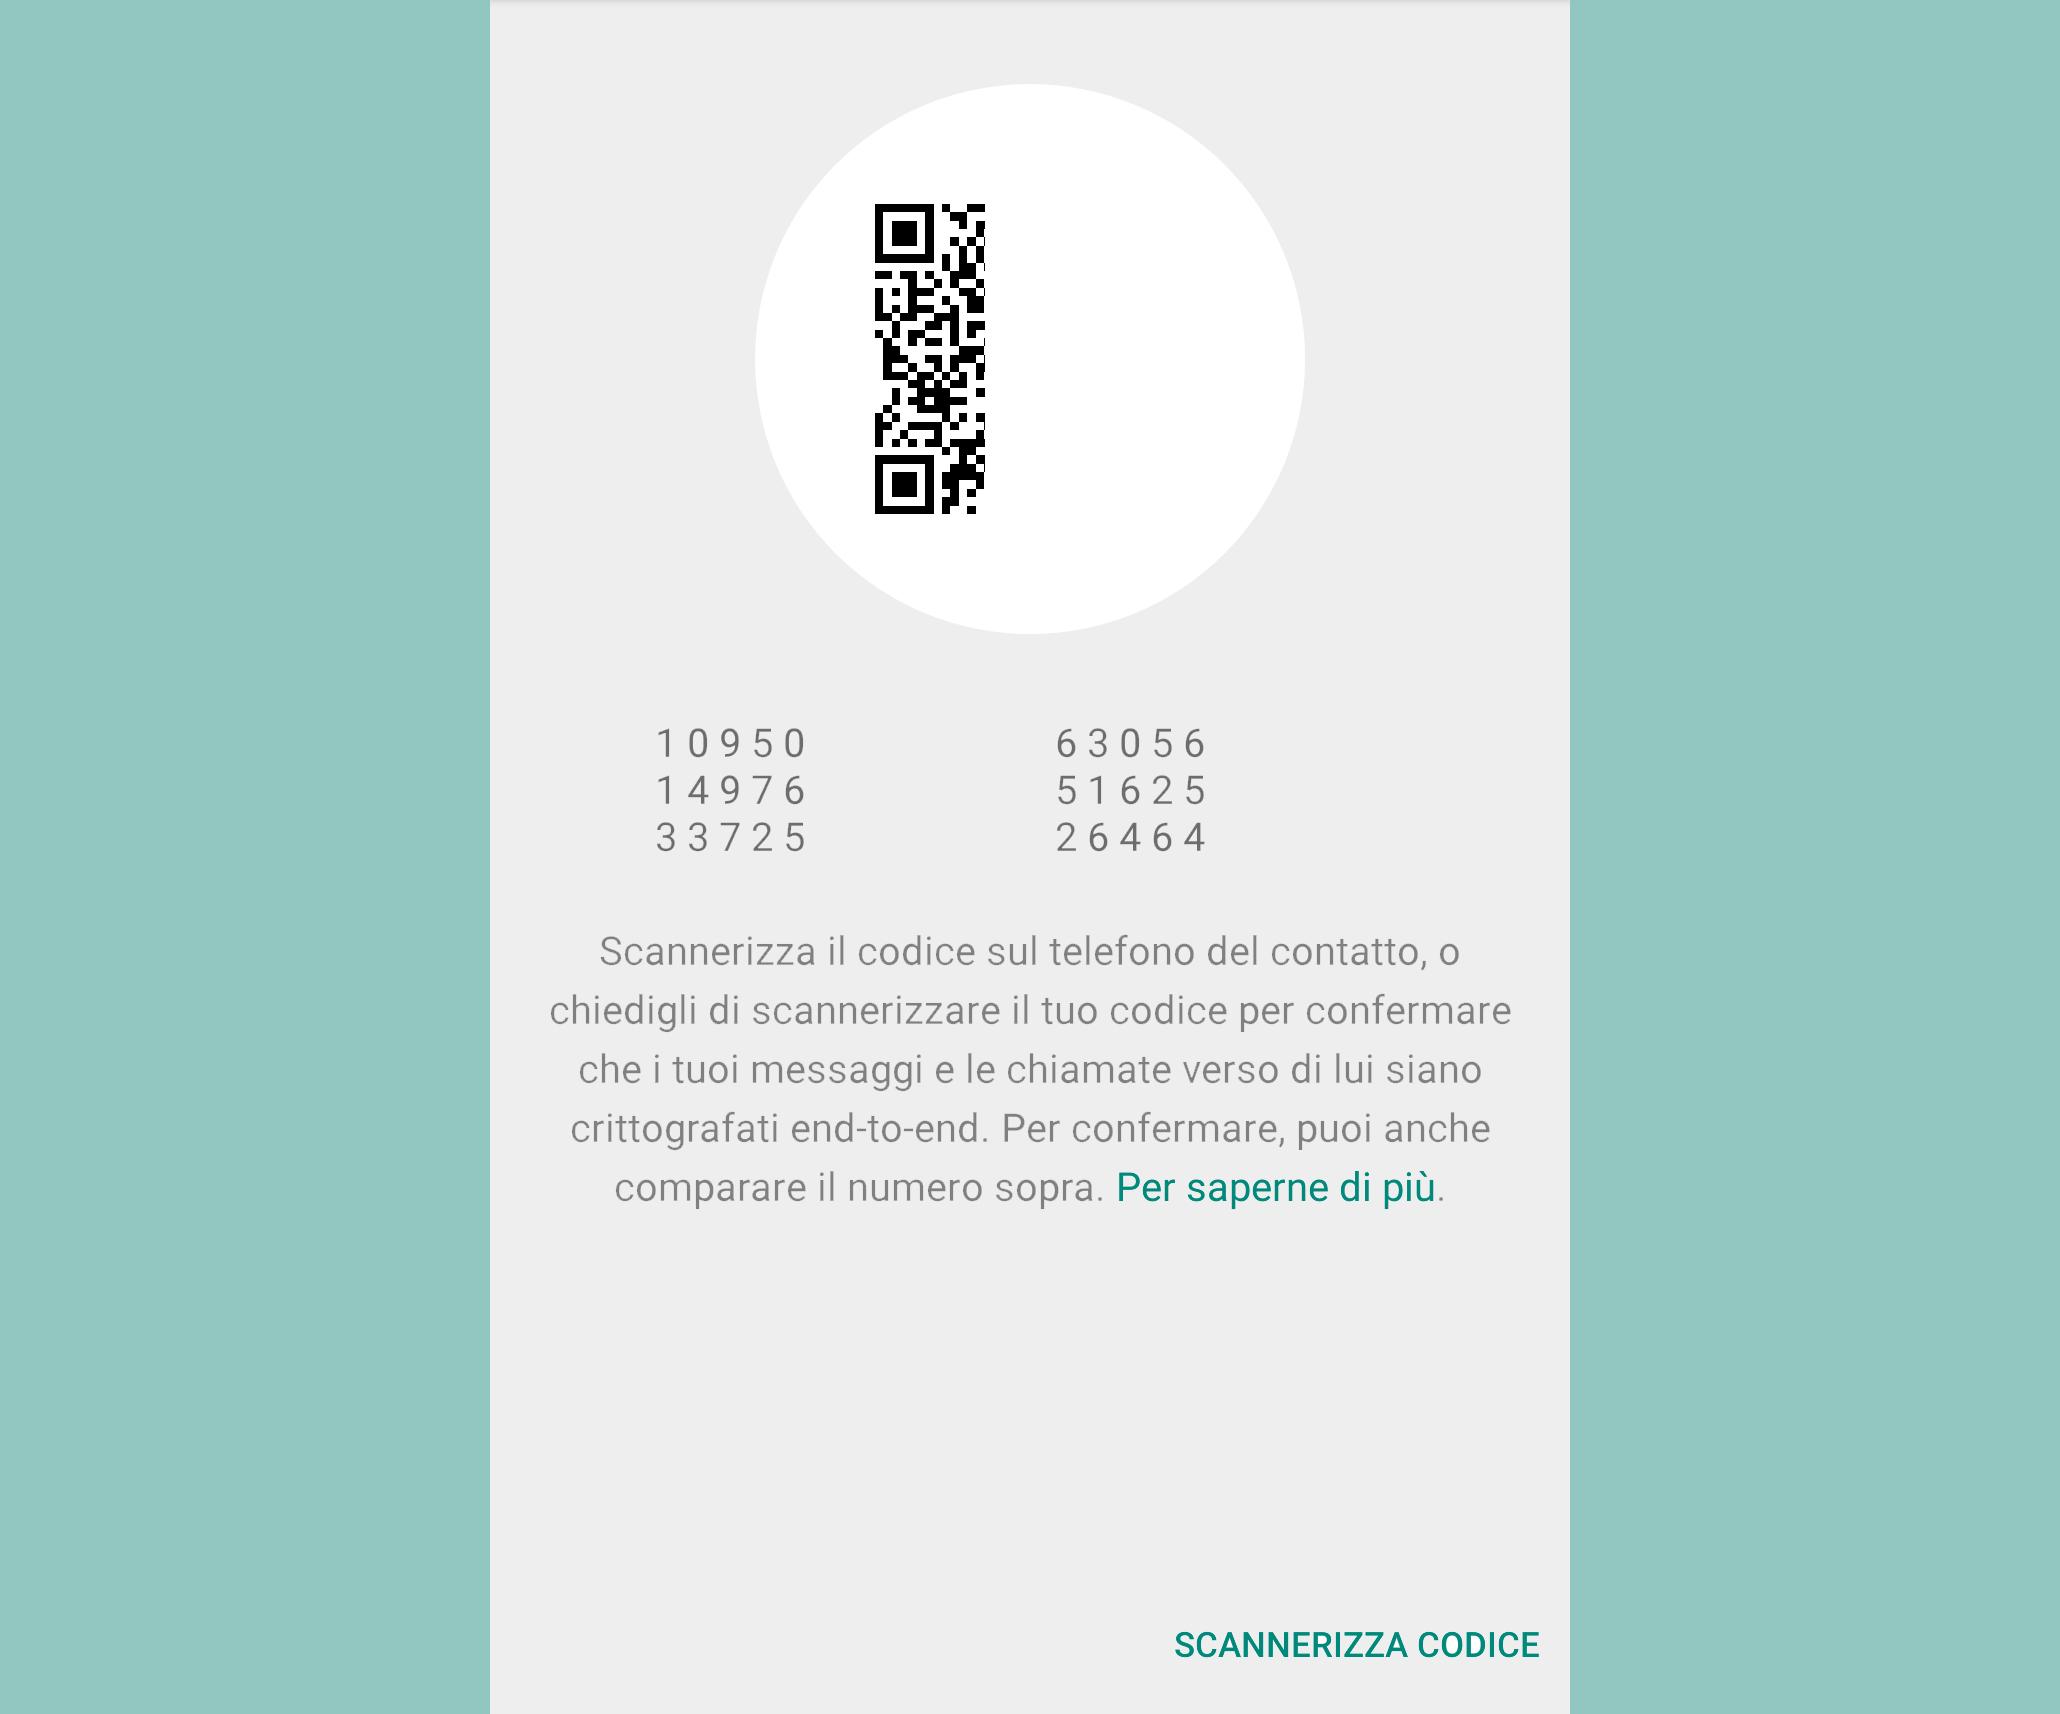 WhatsApp scansione codice